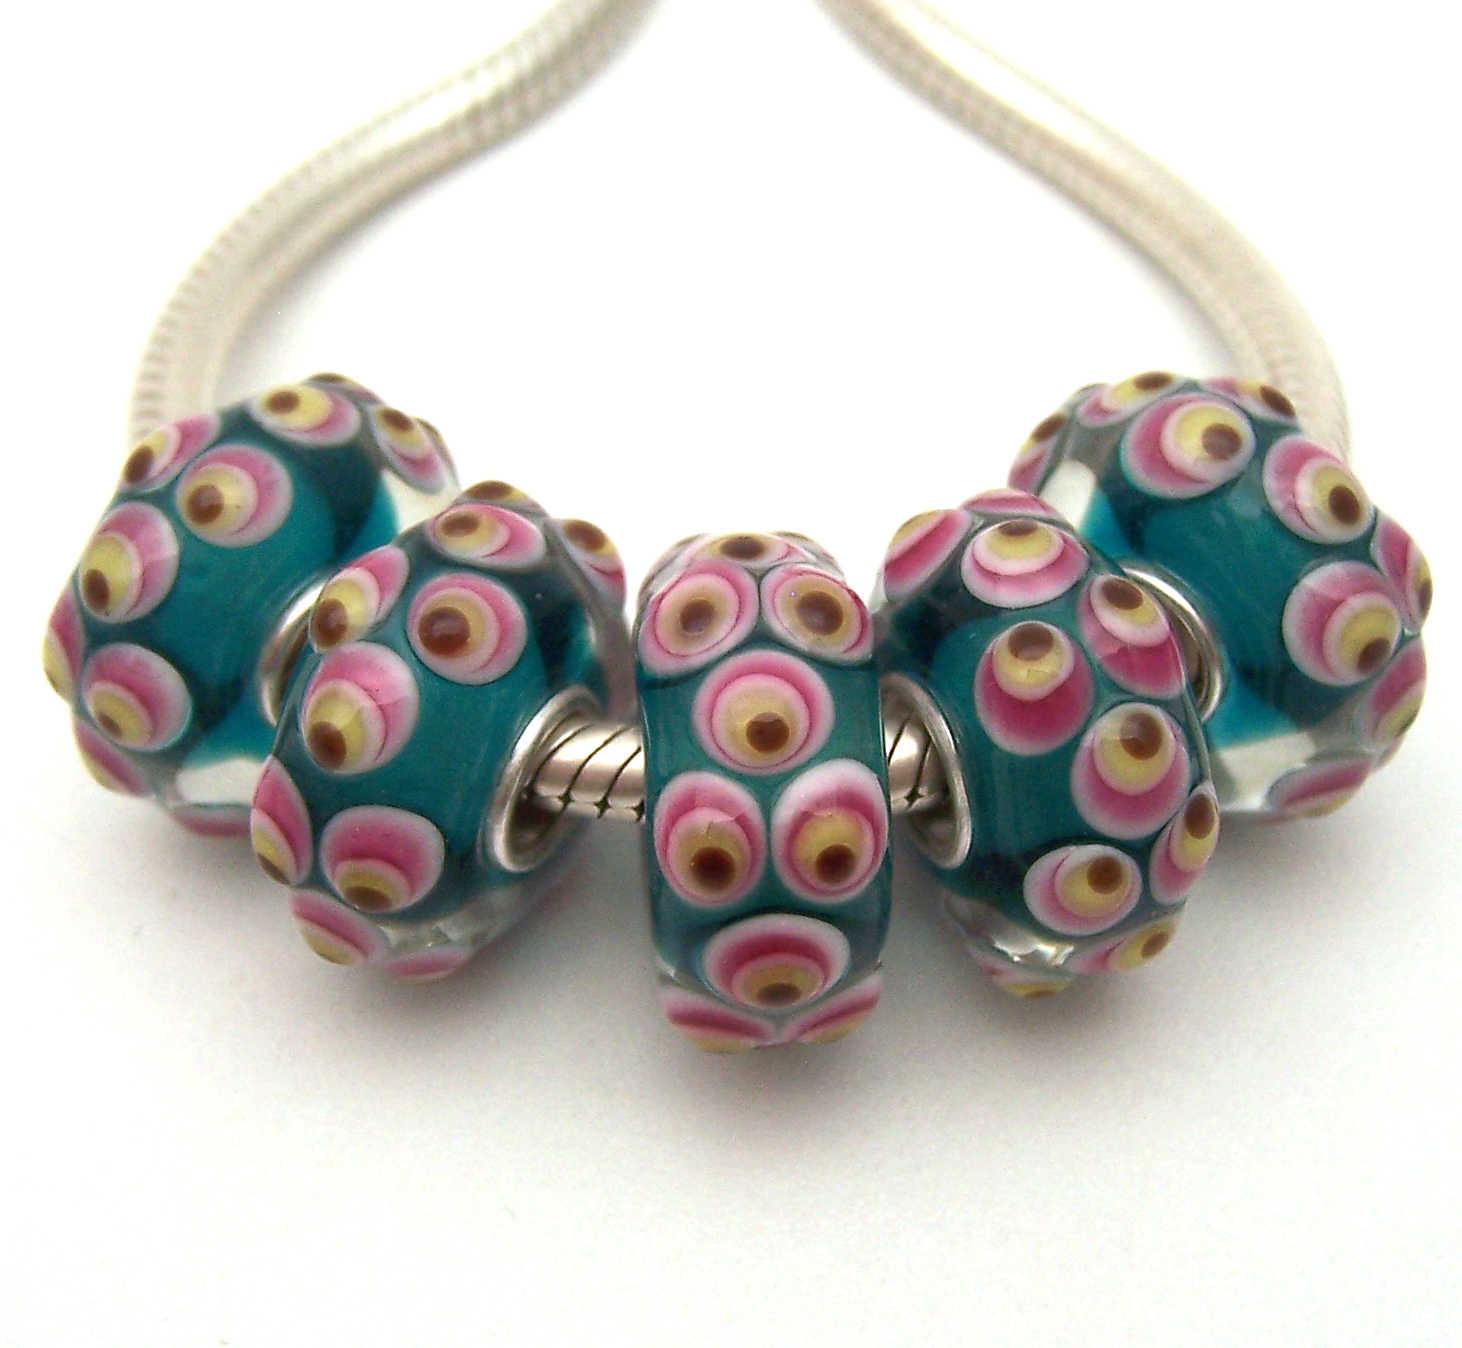 JGWGT 1102 5X100% di Autenticità S925 Sterling Silver Perle di Murano perle di Vetro Europeo Adatto Pendenti e Ciondoli Braccialetto gioielli fai da te lampwork